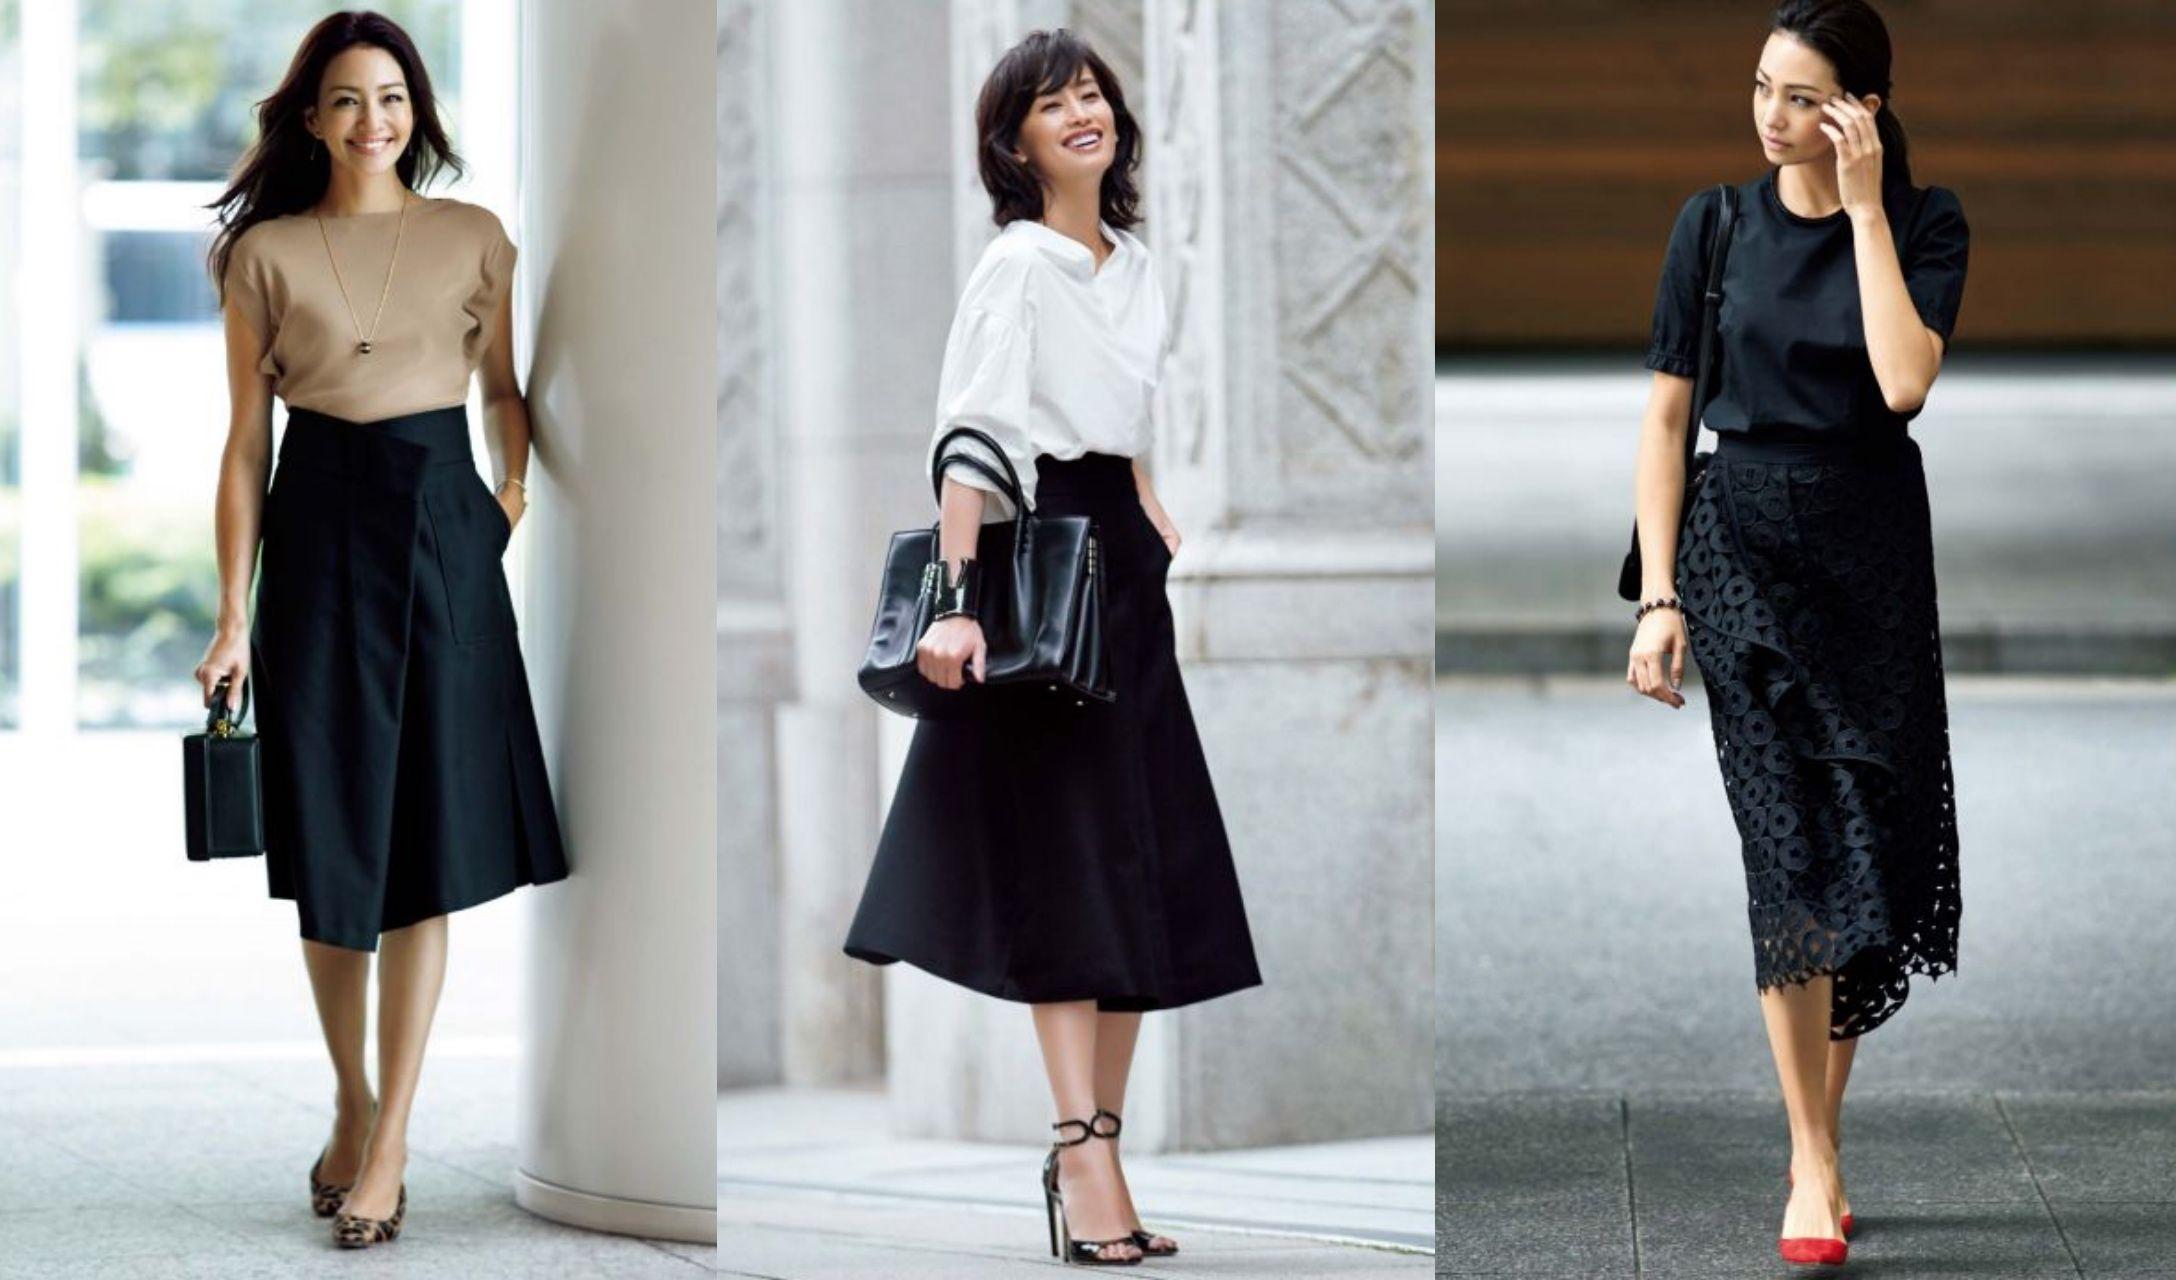 黒 ロング スカート コーデ 夏 黒のロングスカートを使った夏コーデ13選。着回し力高めが嬉しい!